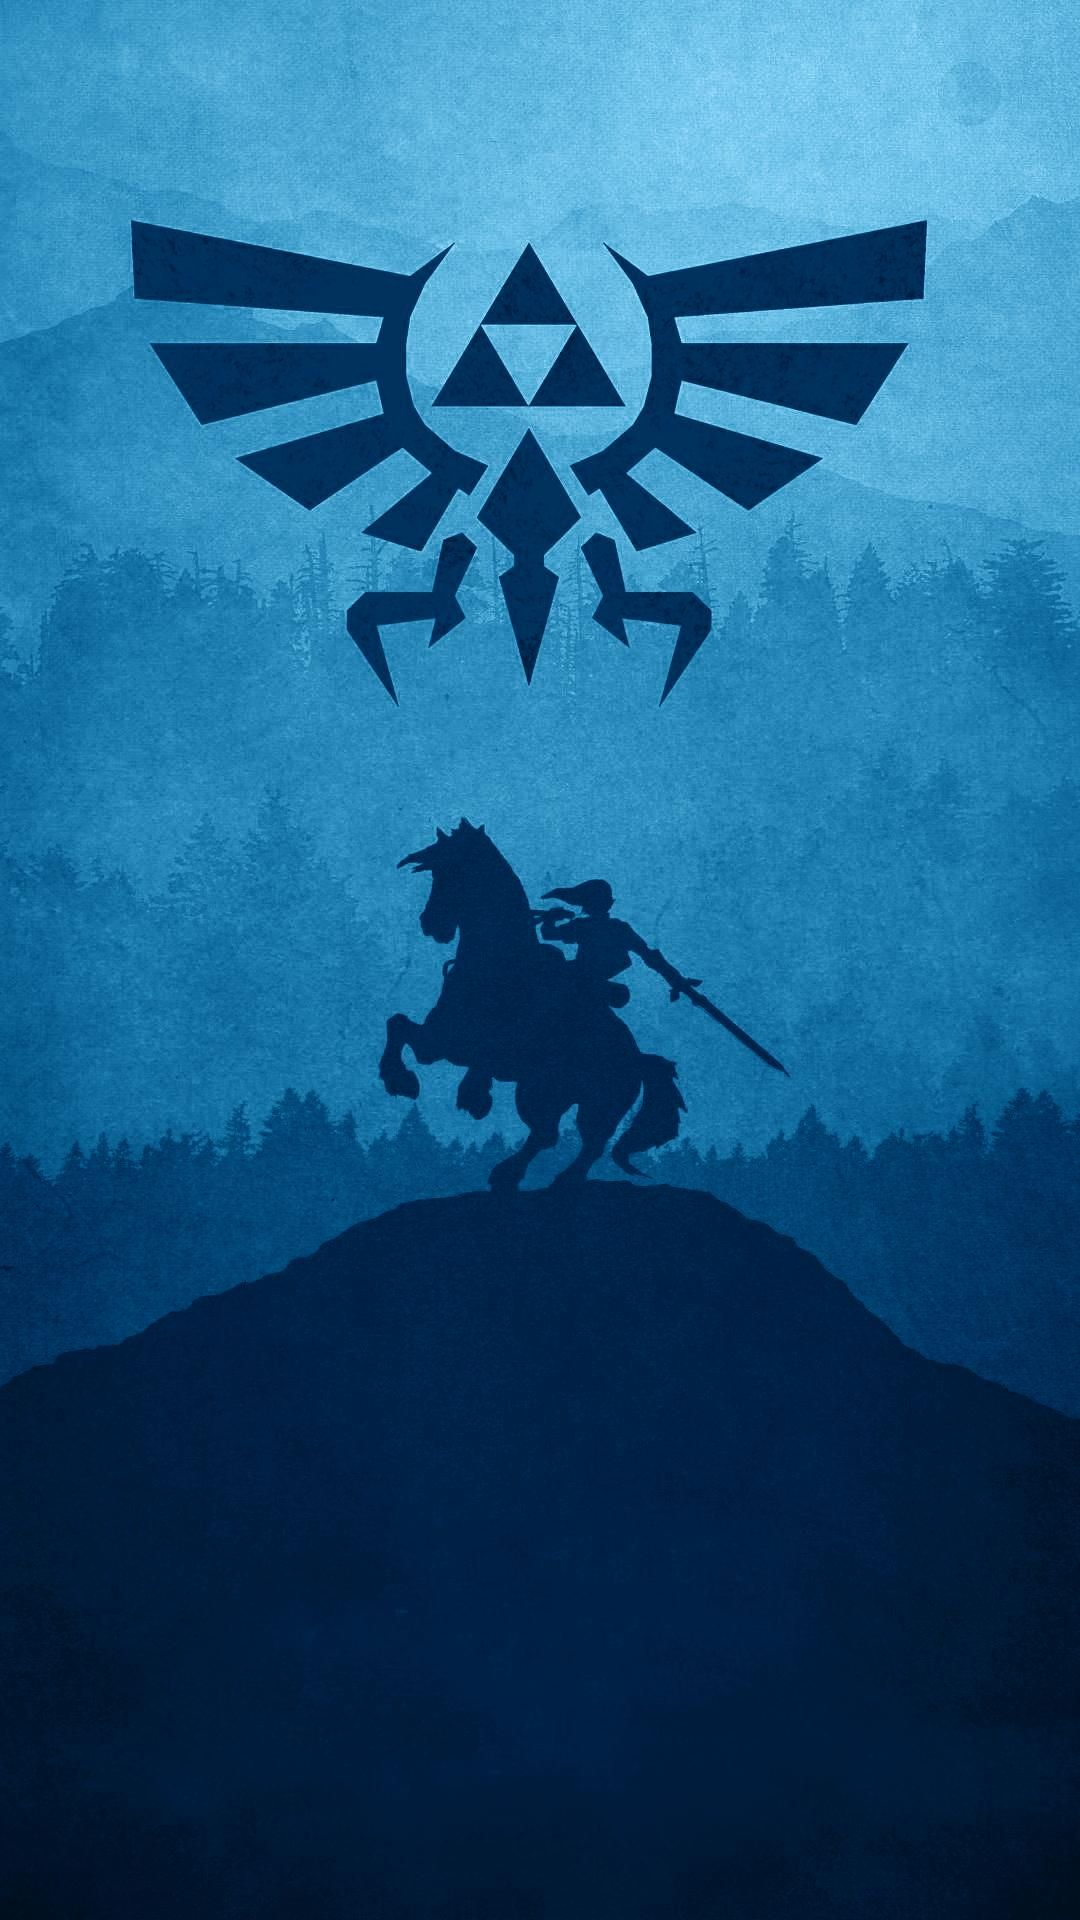 Wallpaper iphone zelda - Iphone The Legend Of Zelda Wallpapers Hd Desktop Backgrounds